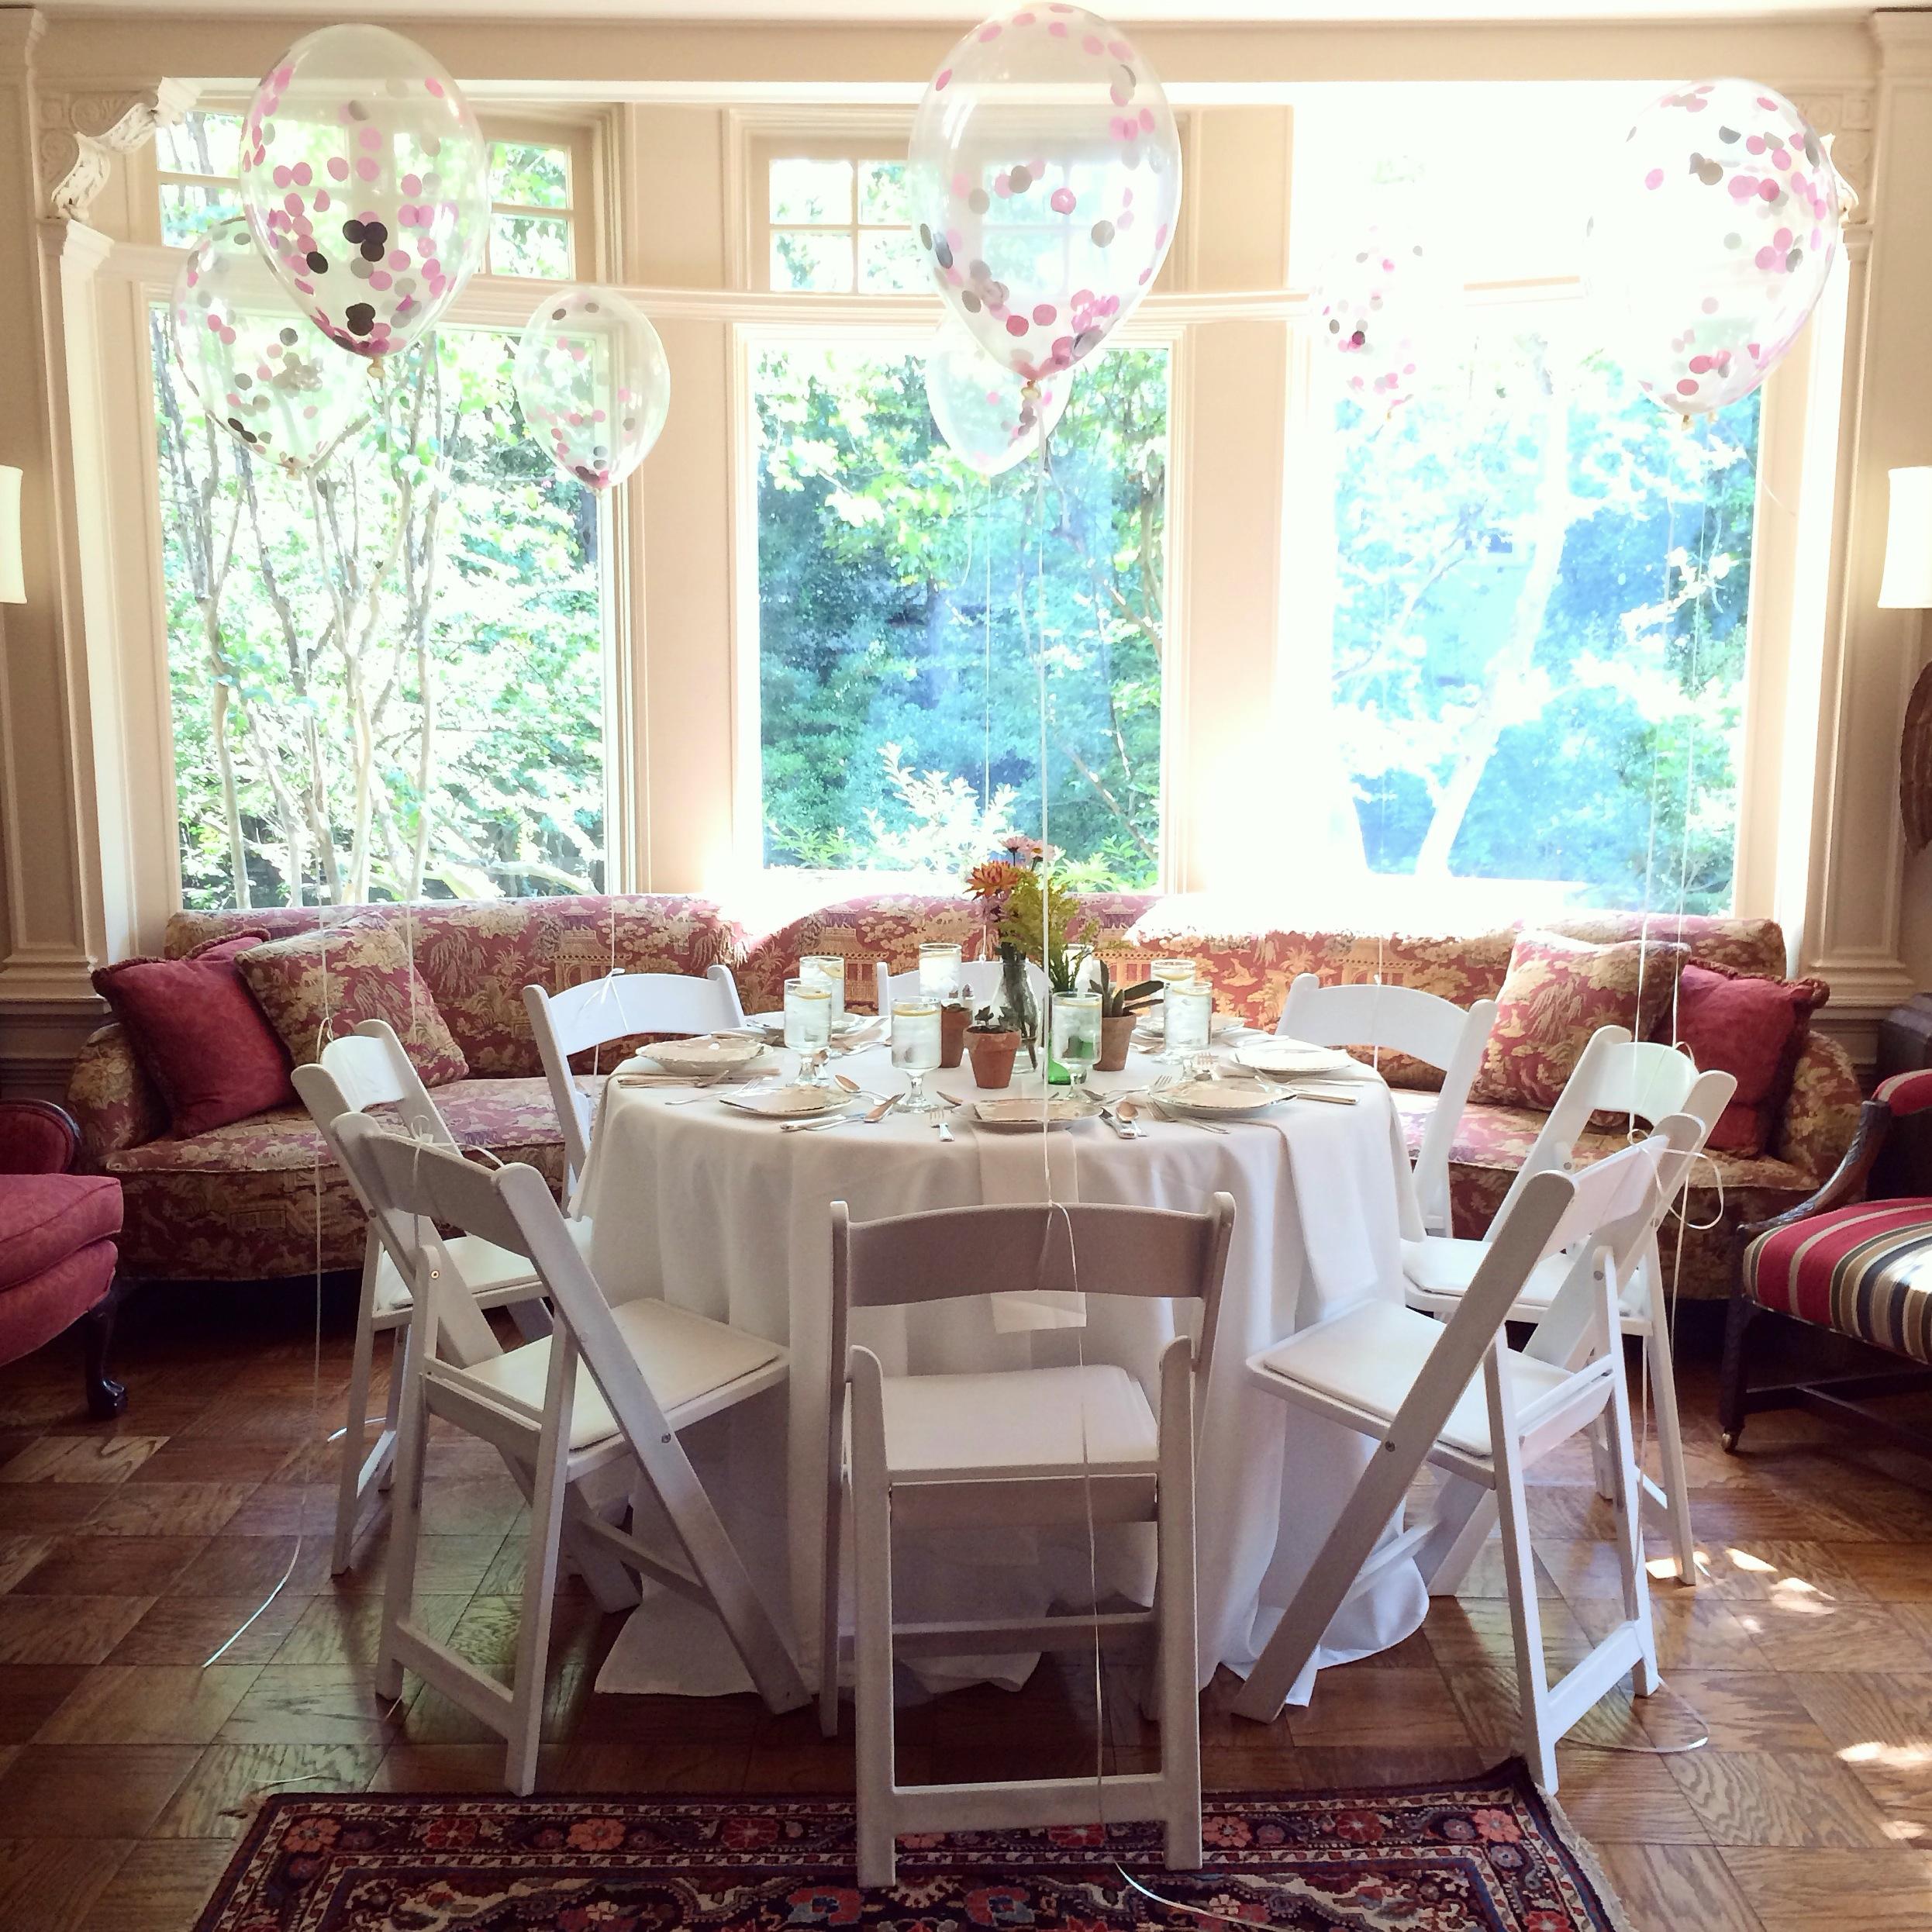 Rentals: Birch and Brass Vintage Rentals  :: Florals: Bloom2Bloom  :: Balloons: Meg-Made